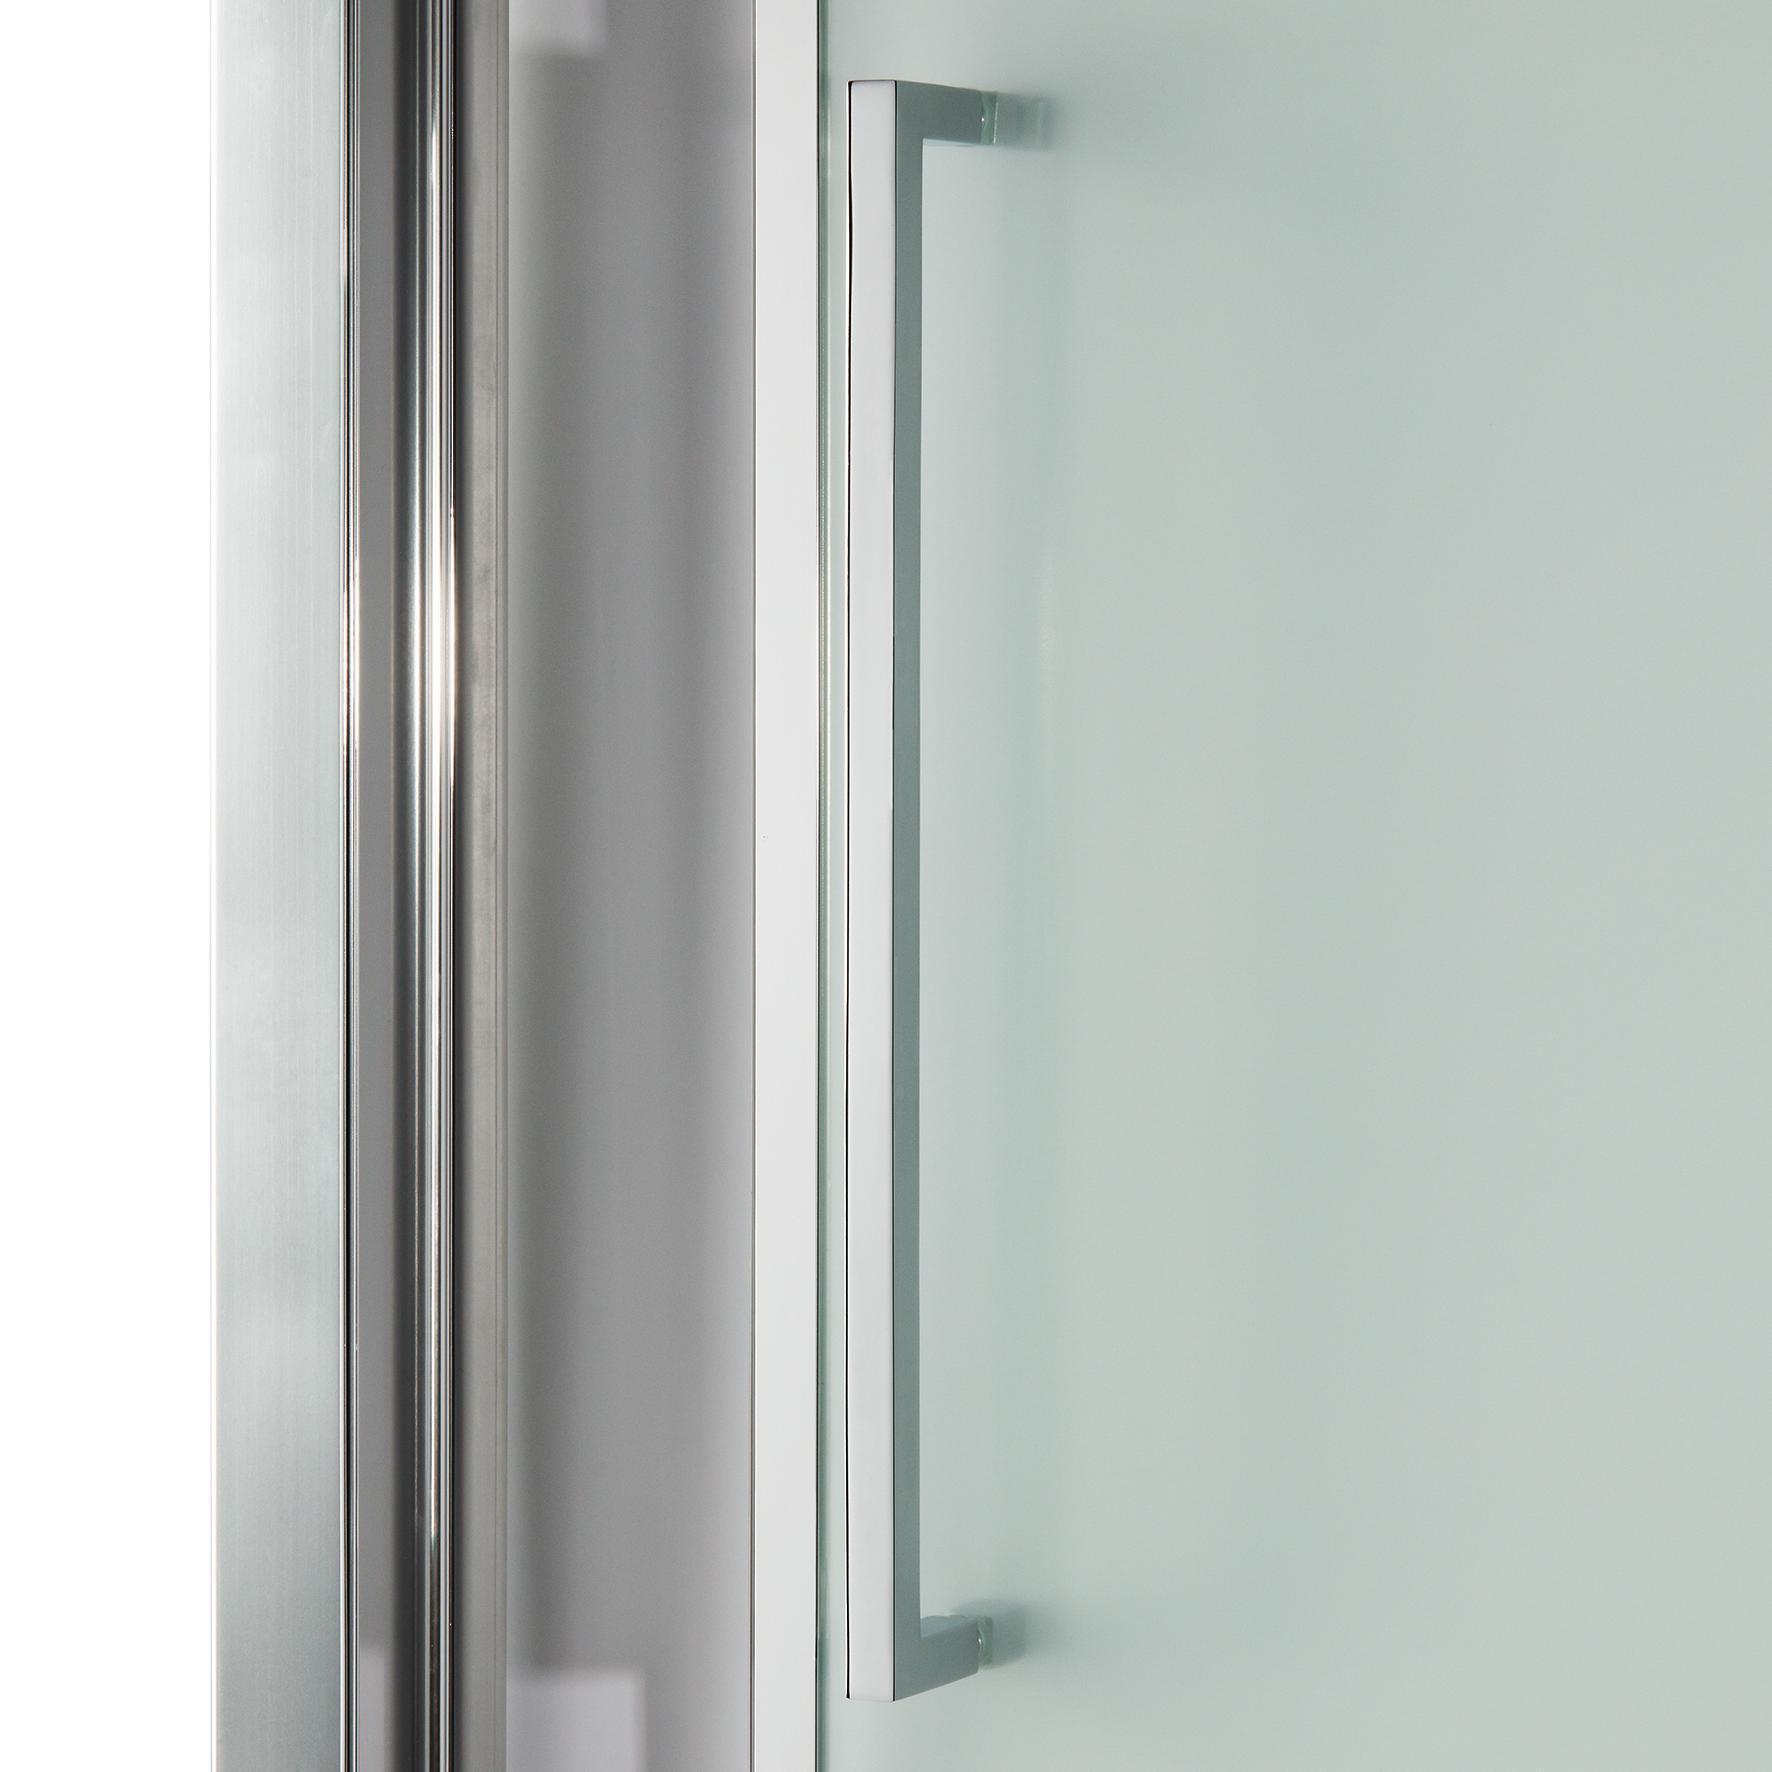 Porta doccia battente Record 82 cm, H 195 cm in vetro temprato, spessore 6 mm trasparente silver - 3